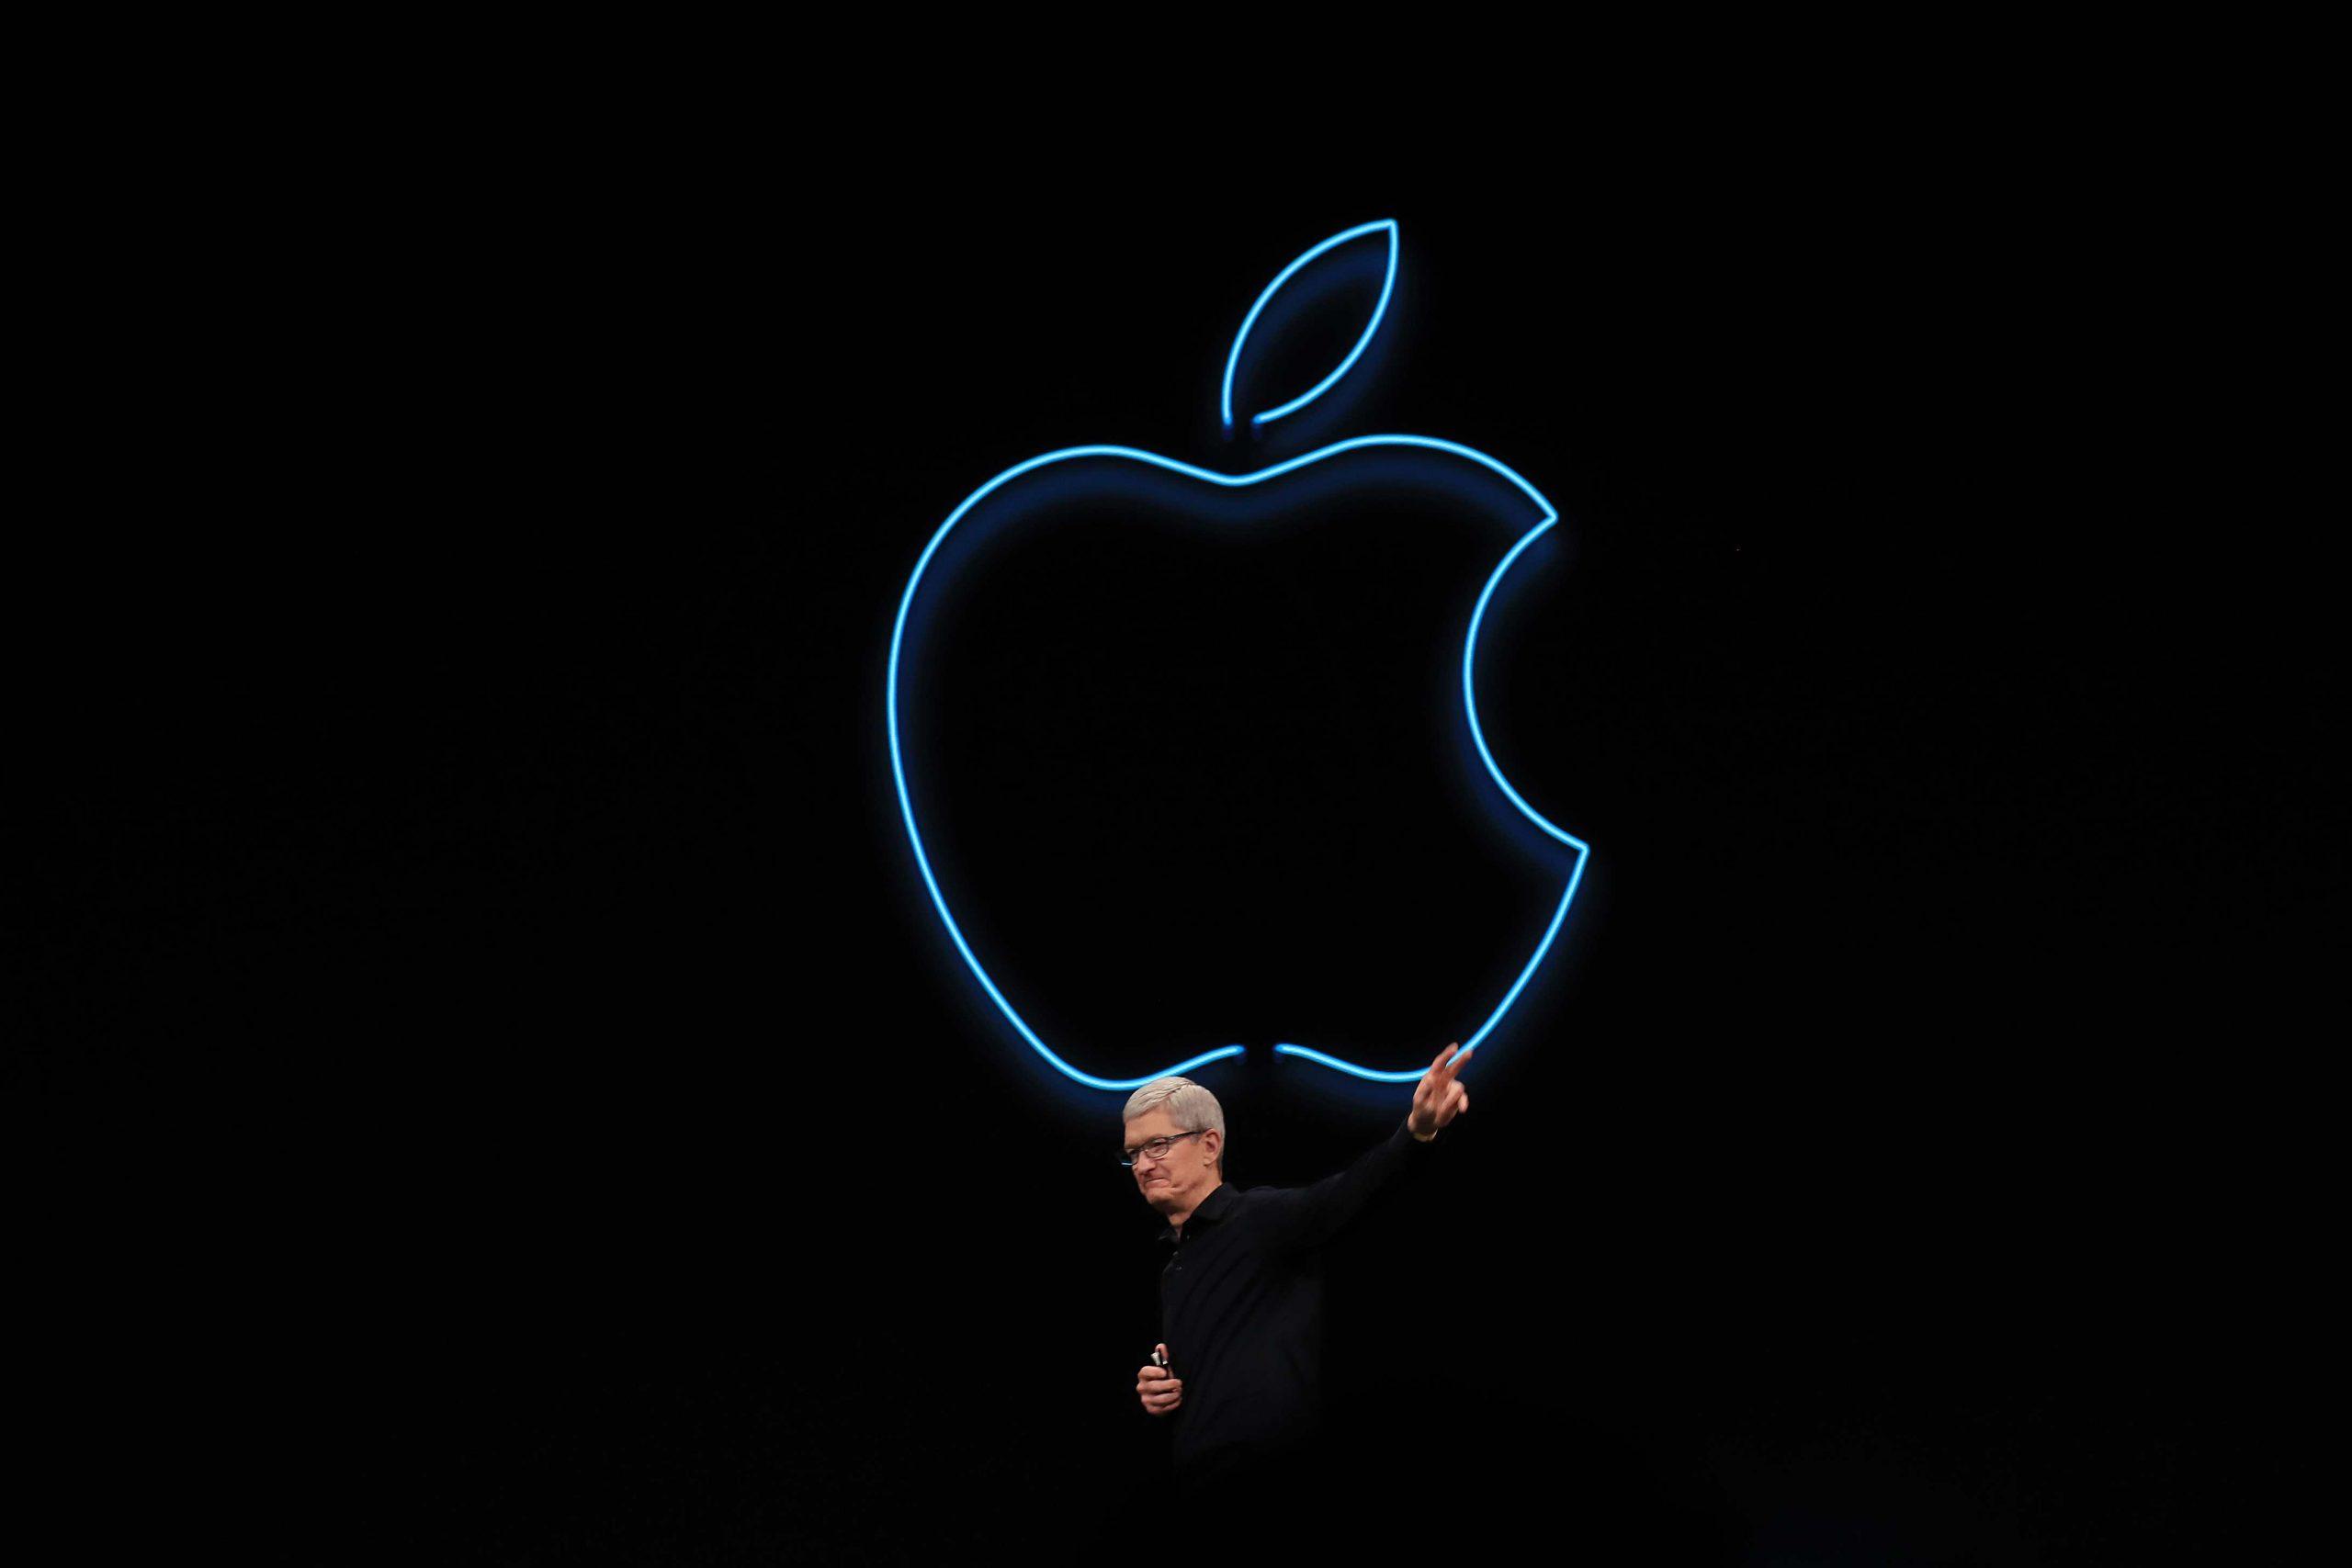 Por que Apple ganó su acuerdo con desarrolladores de aplicaciones - Prensa Libre